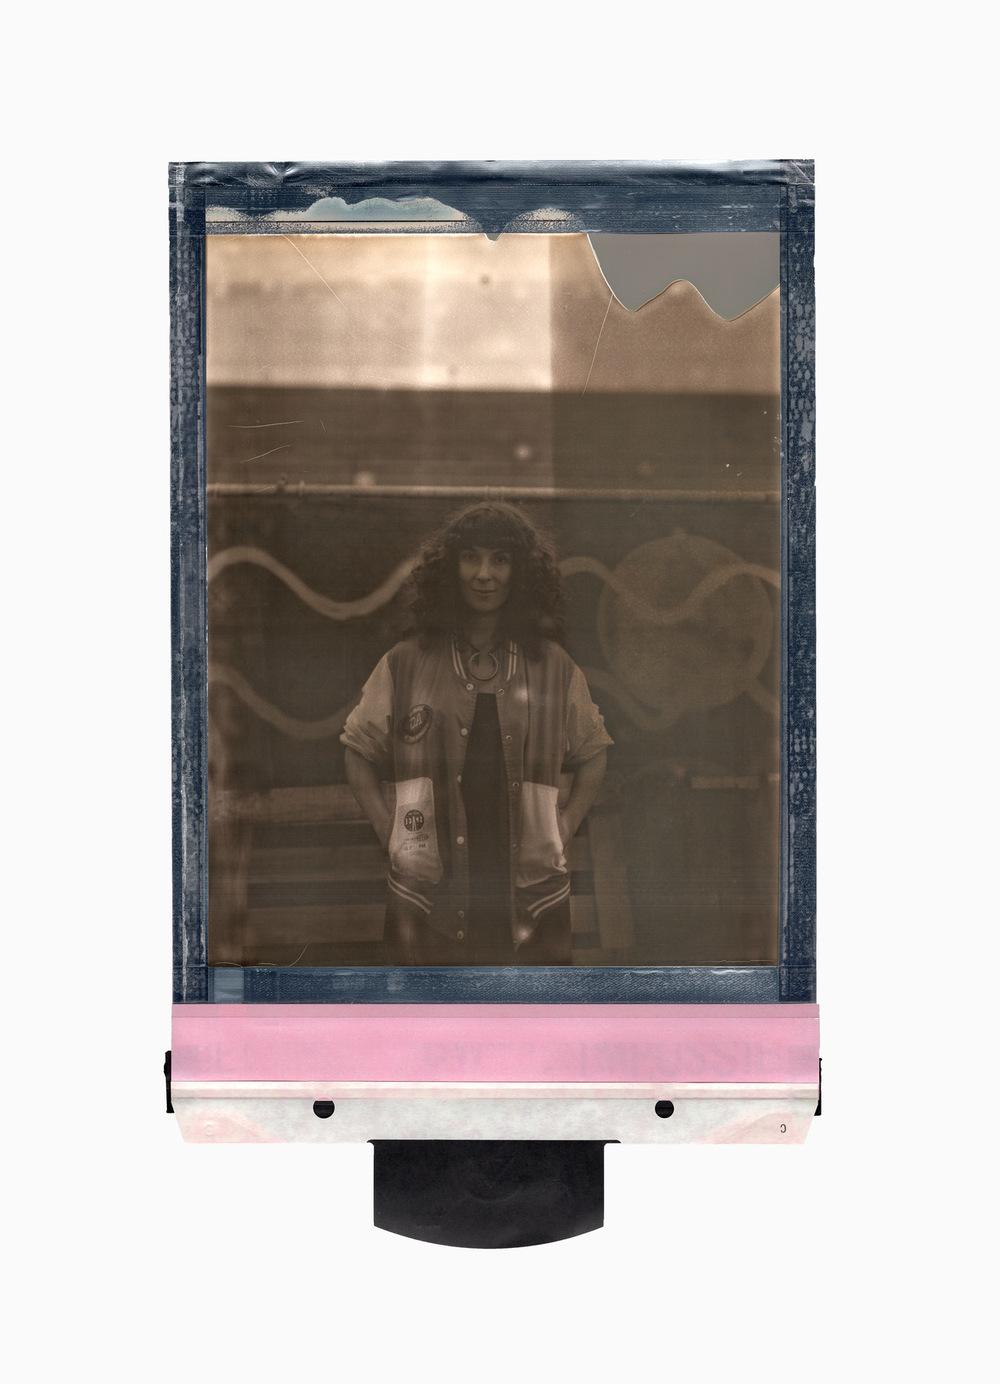 Brian Garbrecht - Jamie Drake. Evanston, IL. 2018. 8x10 Instant Film